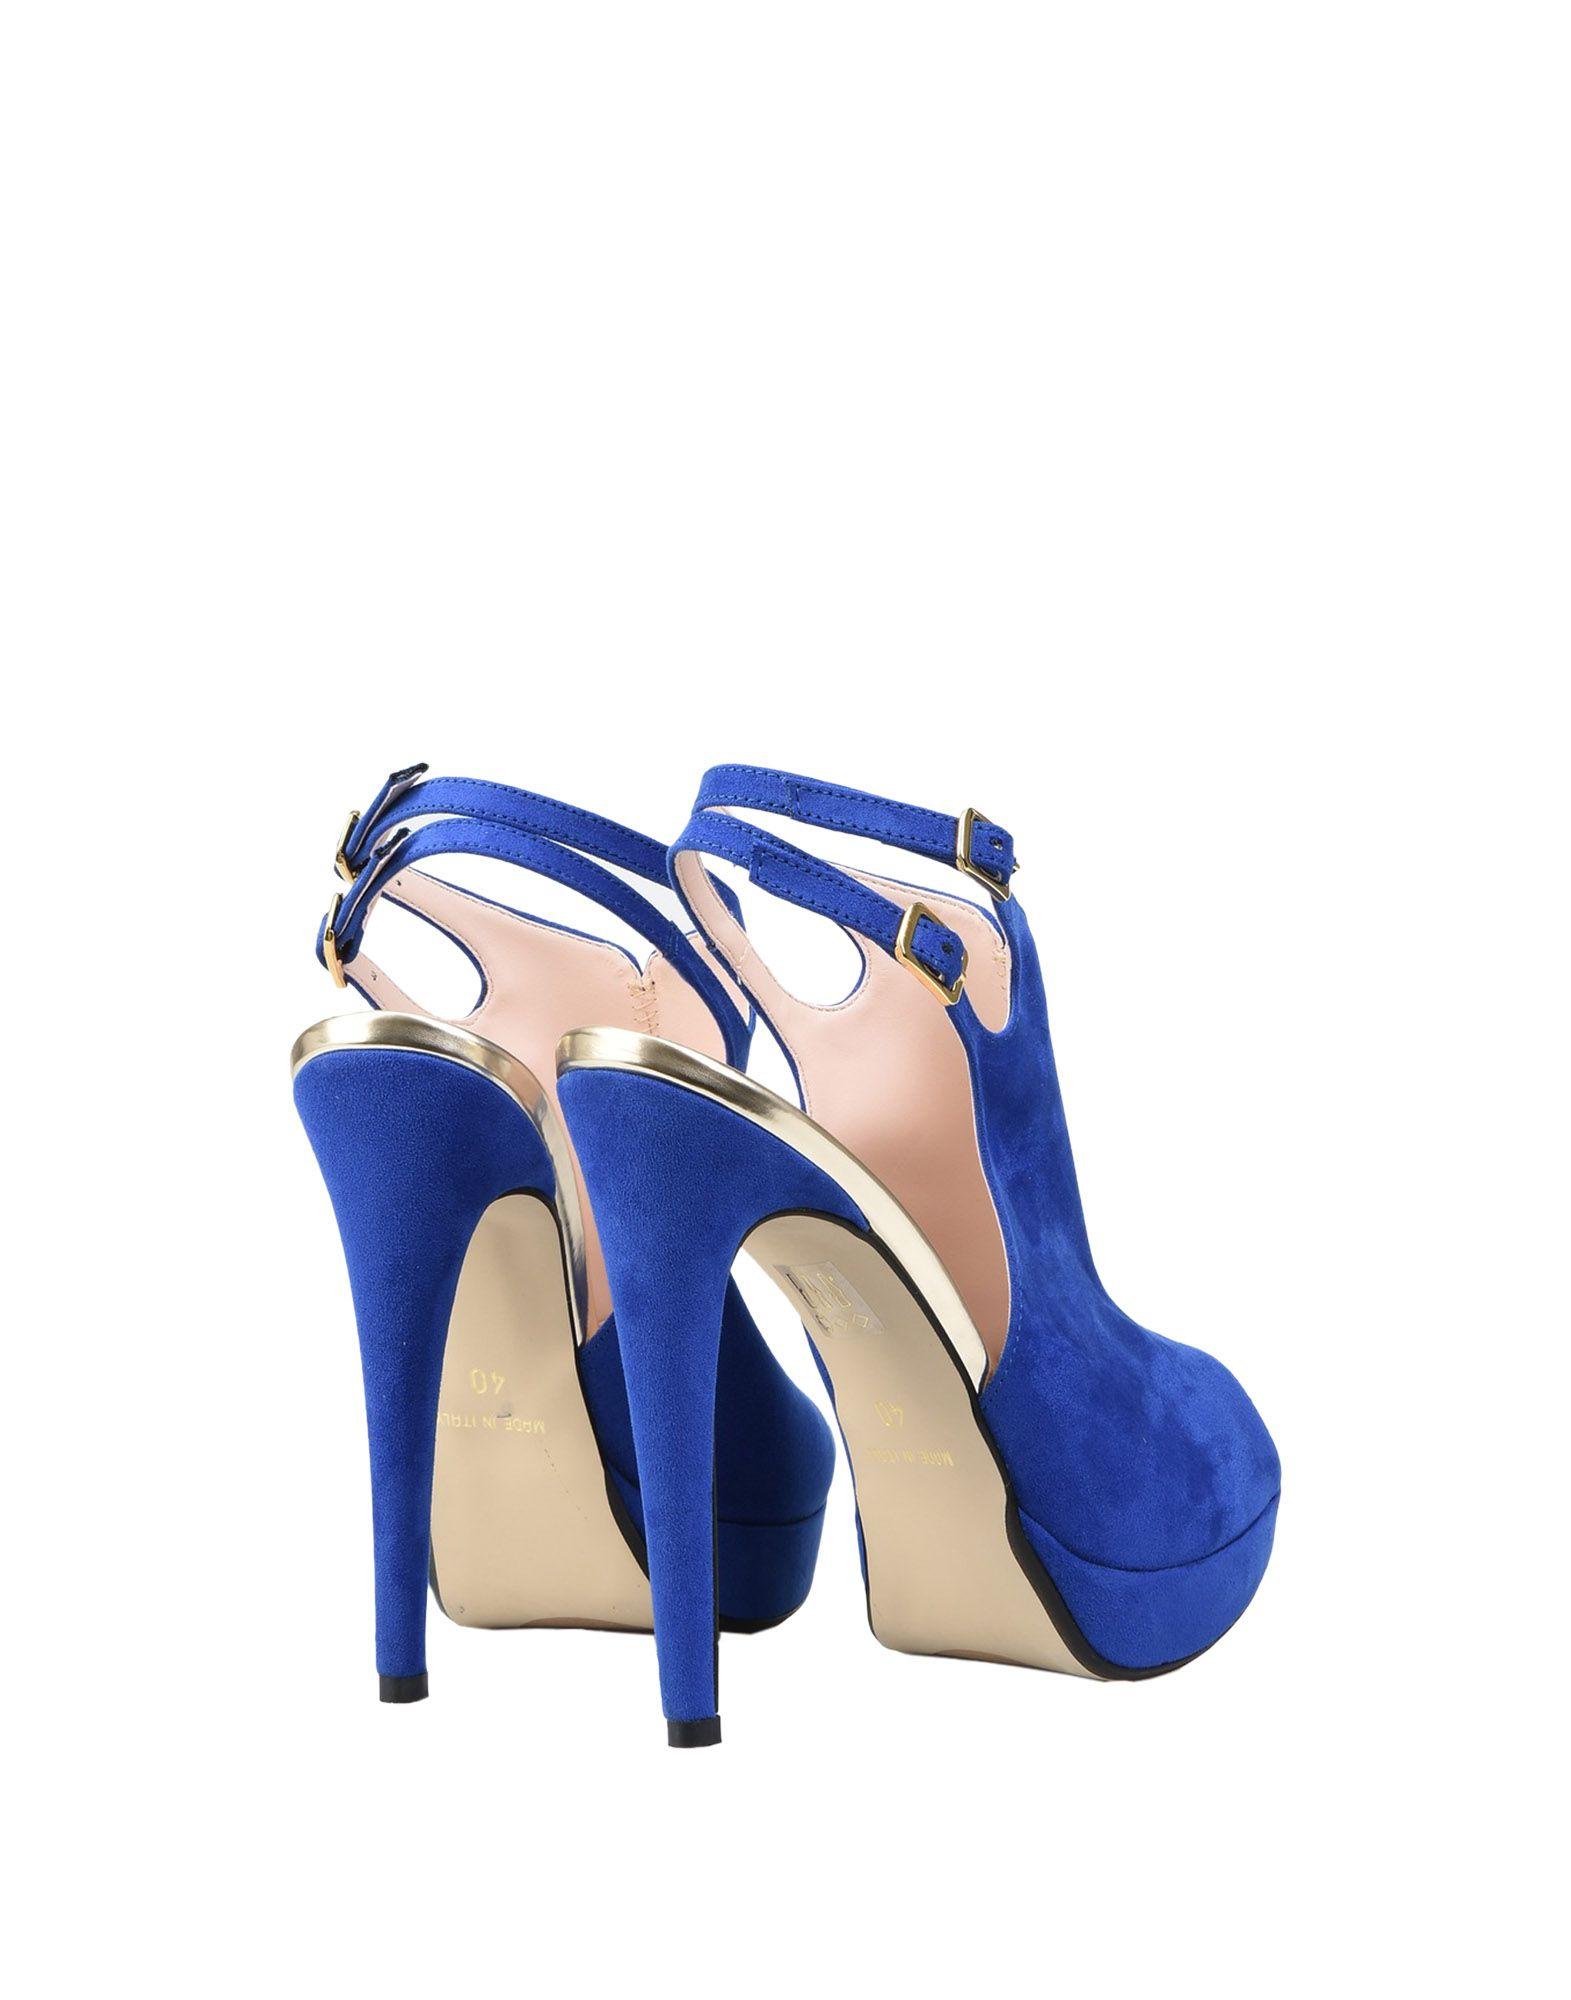 Klassischer Gutes Stil-2956,Jolie By Edward Spiers Sandalen Damen Gutes Klassischer Preis-Leistungs-Verhältnis, es lohnt sich f8ead3